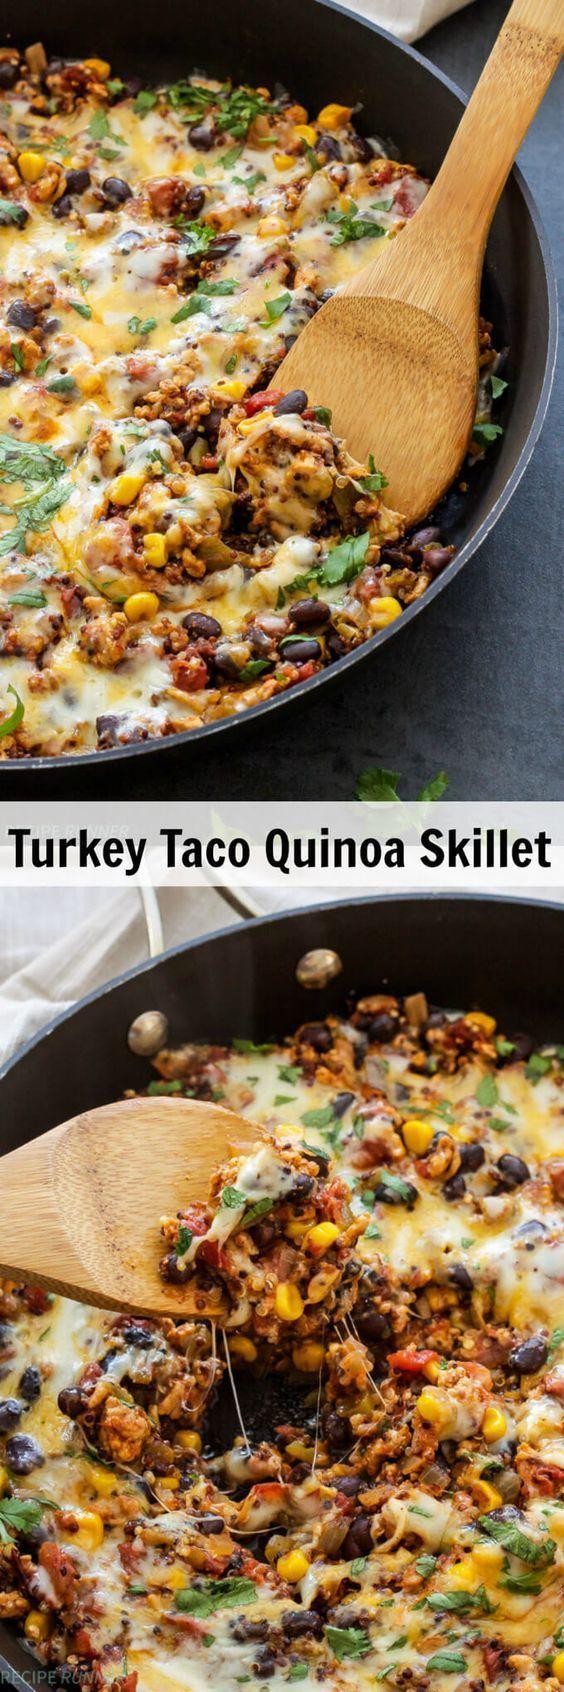 Turkey Taco Quinoa Skillet  This healthy and easy to make Turkey Taco Quinoa…